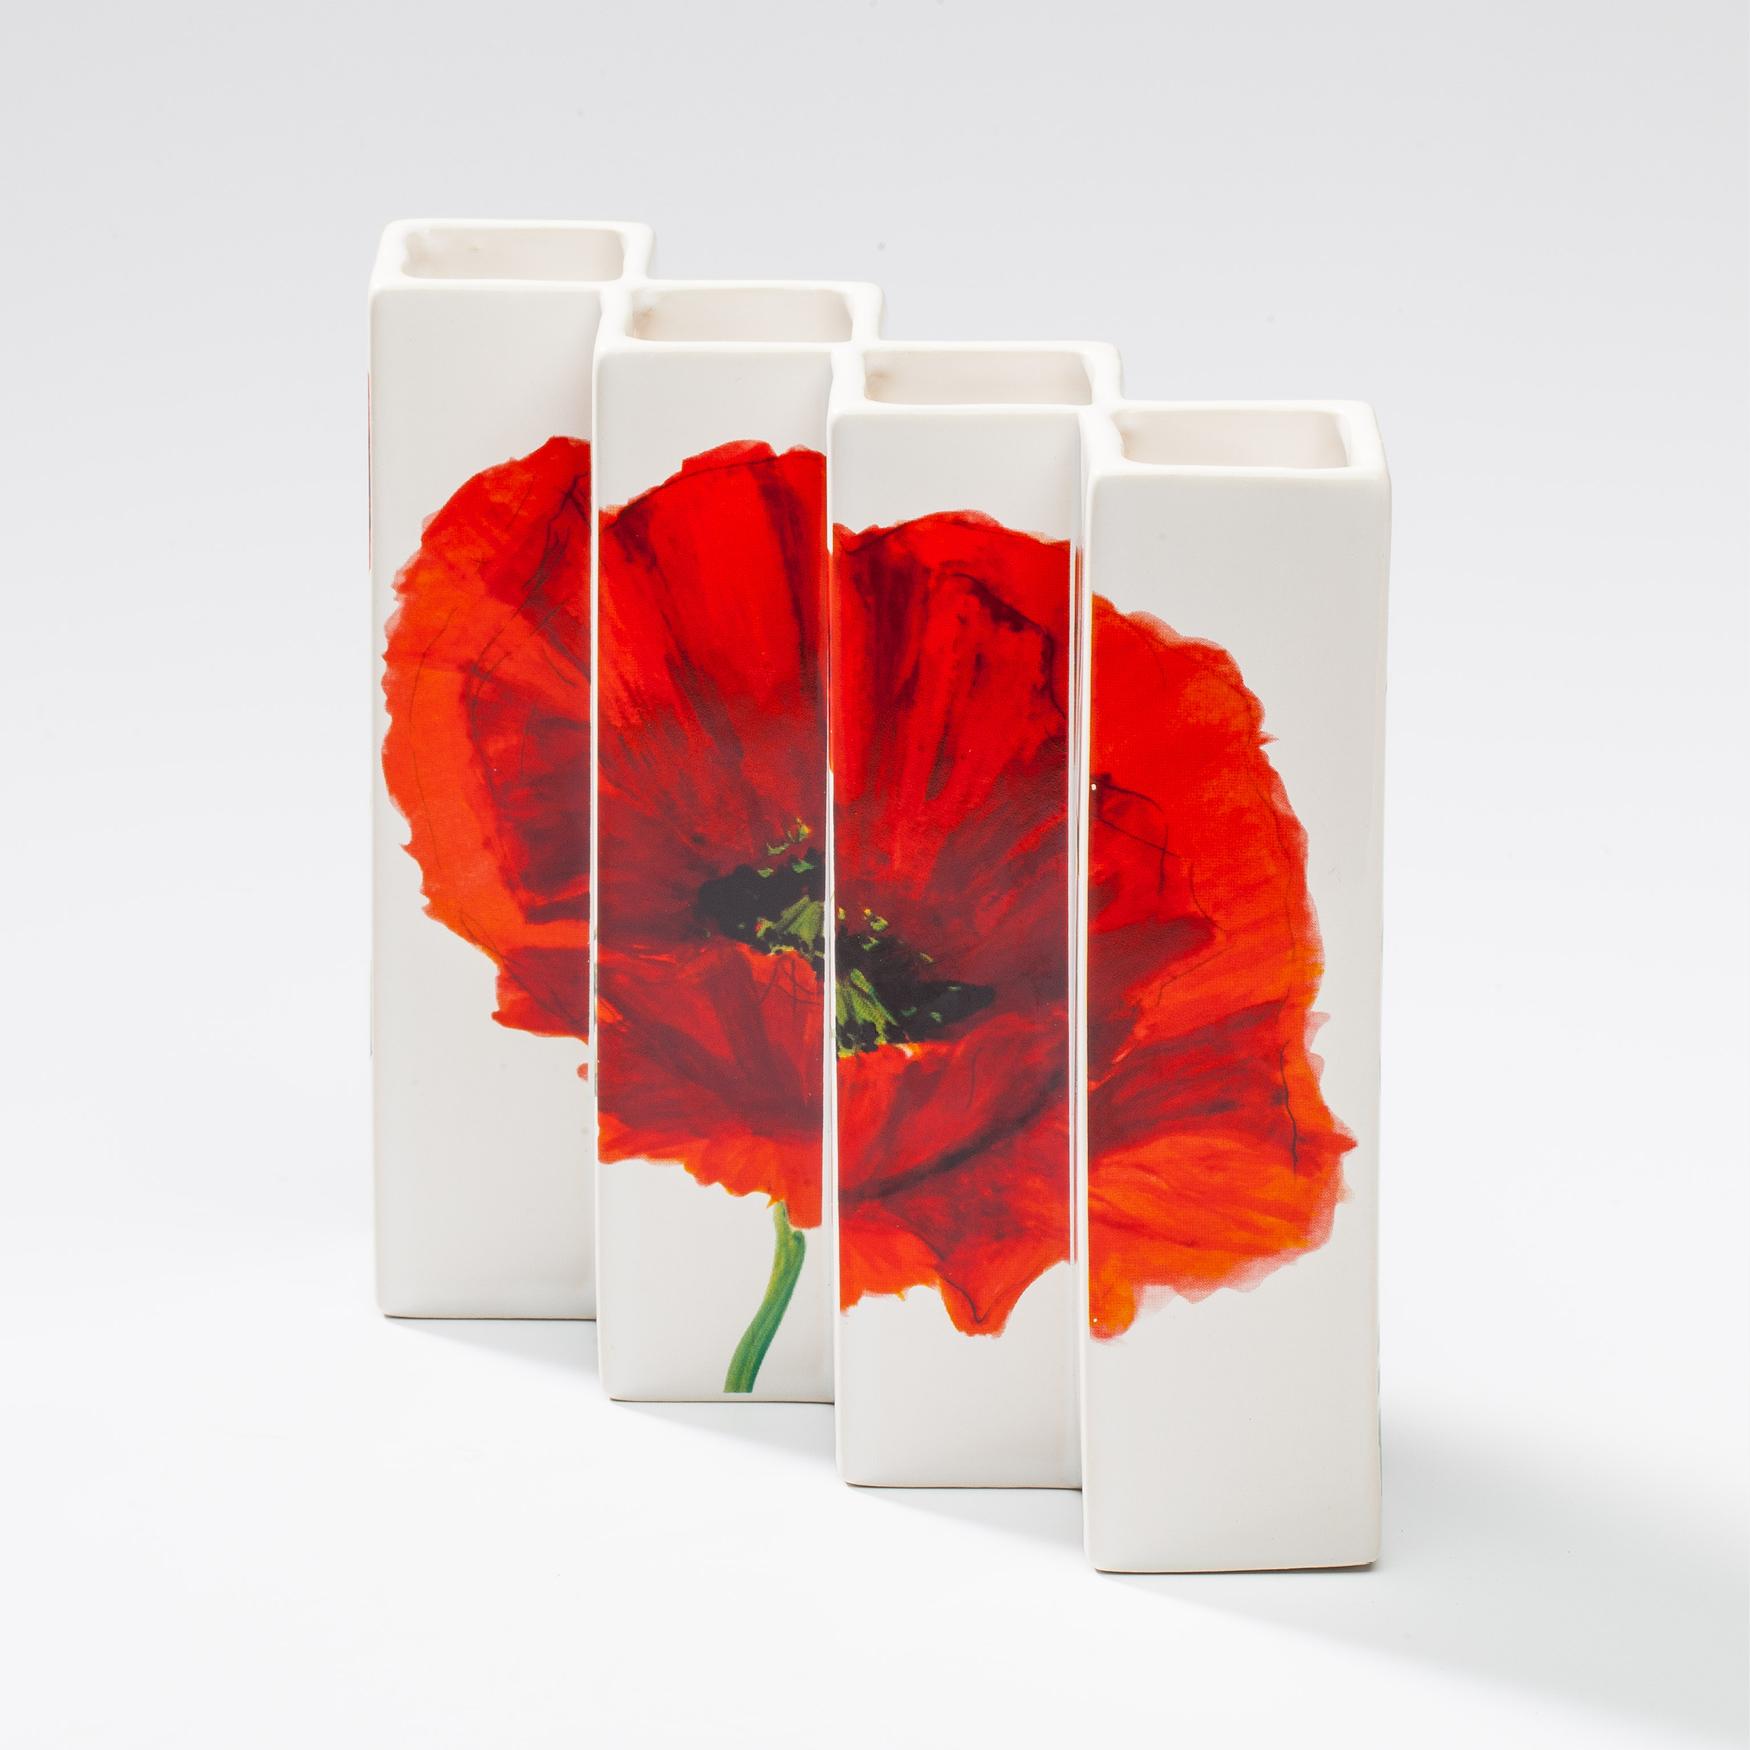 Dianthus-Flowers-Gallery-Vases-1902-7.jpg